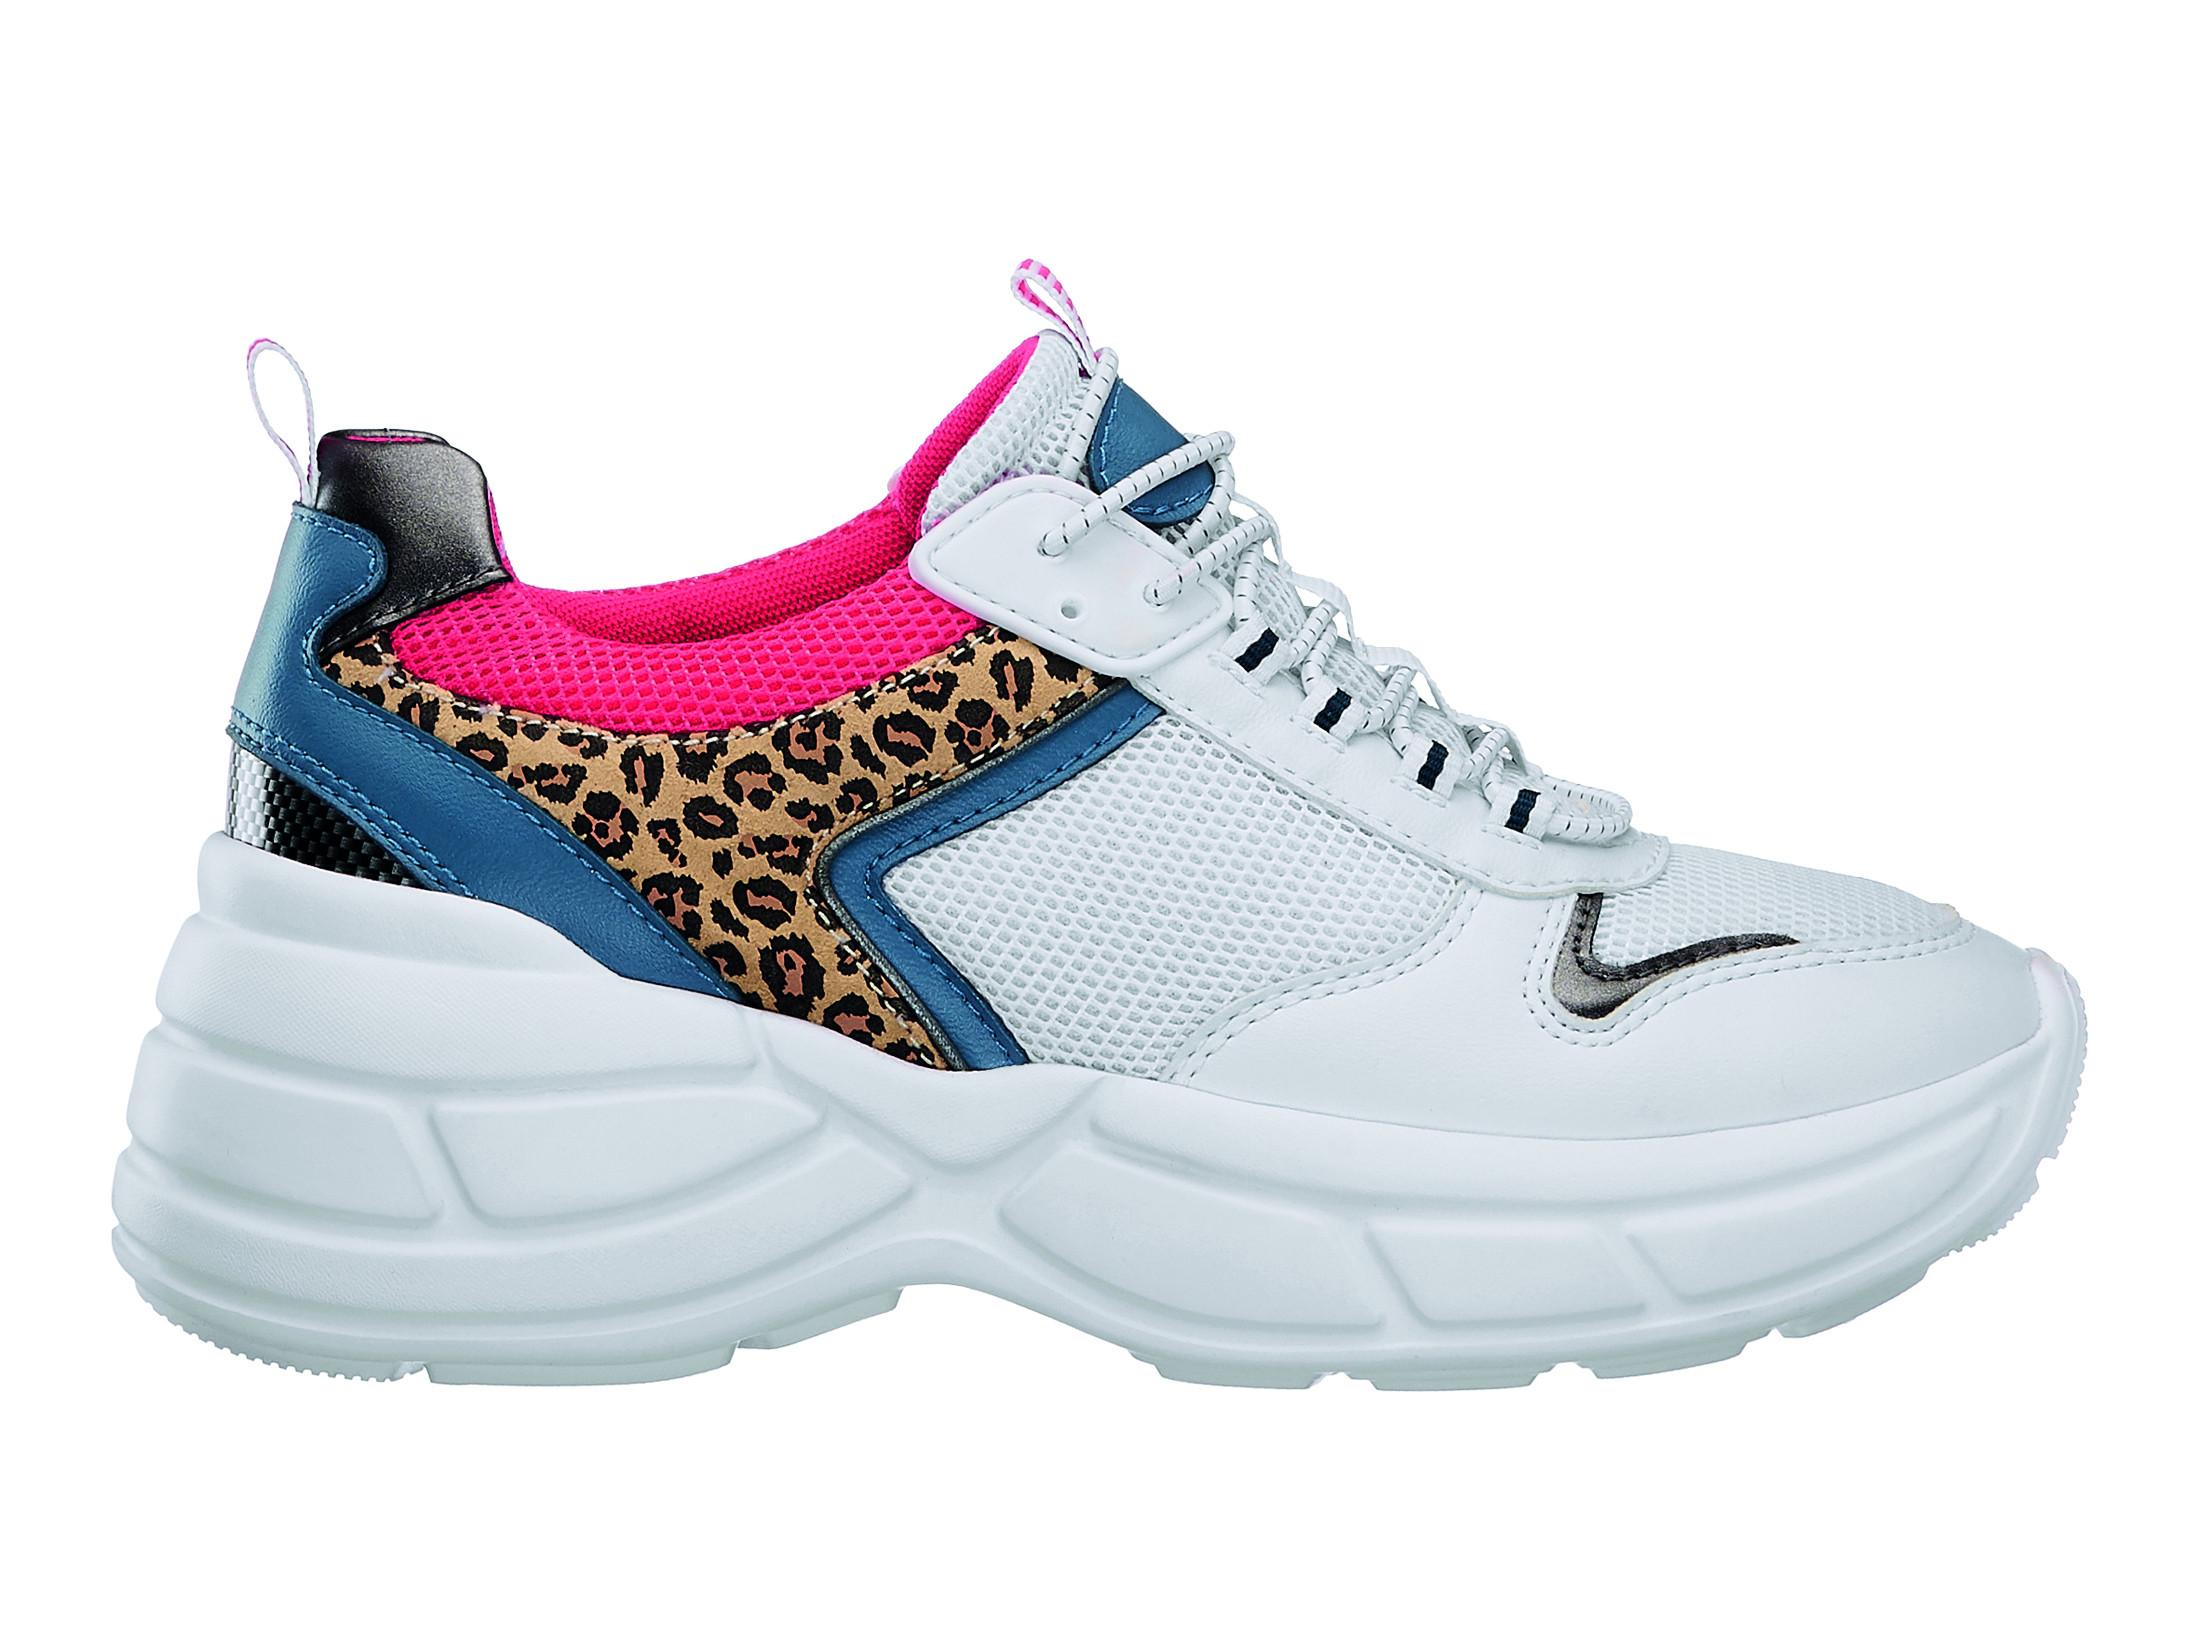 Olá anos 90! Os chunky sneakers das Spice Girls estão de volta